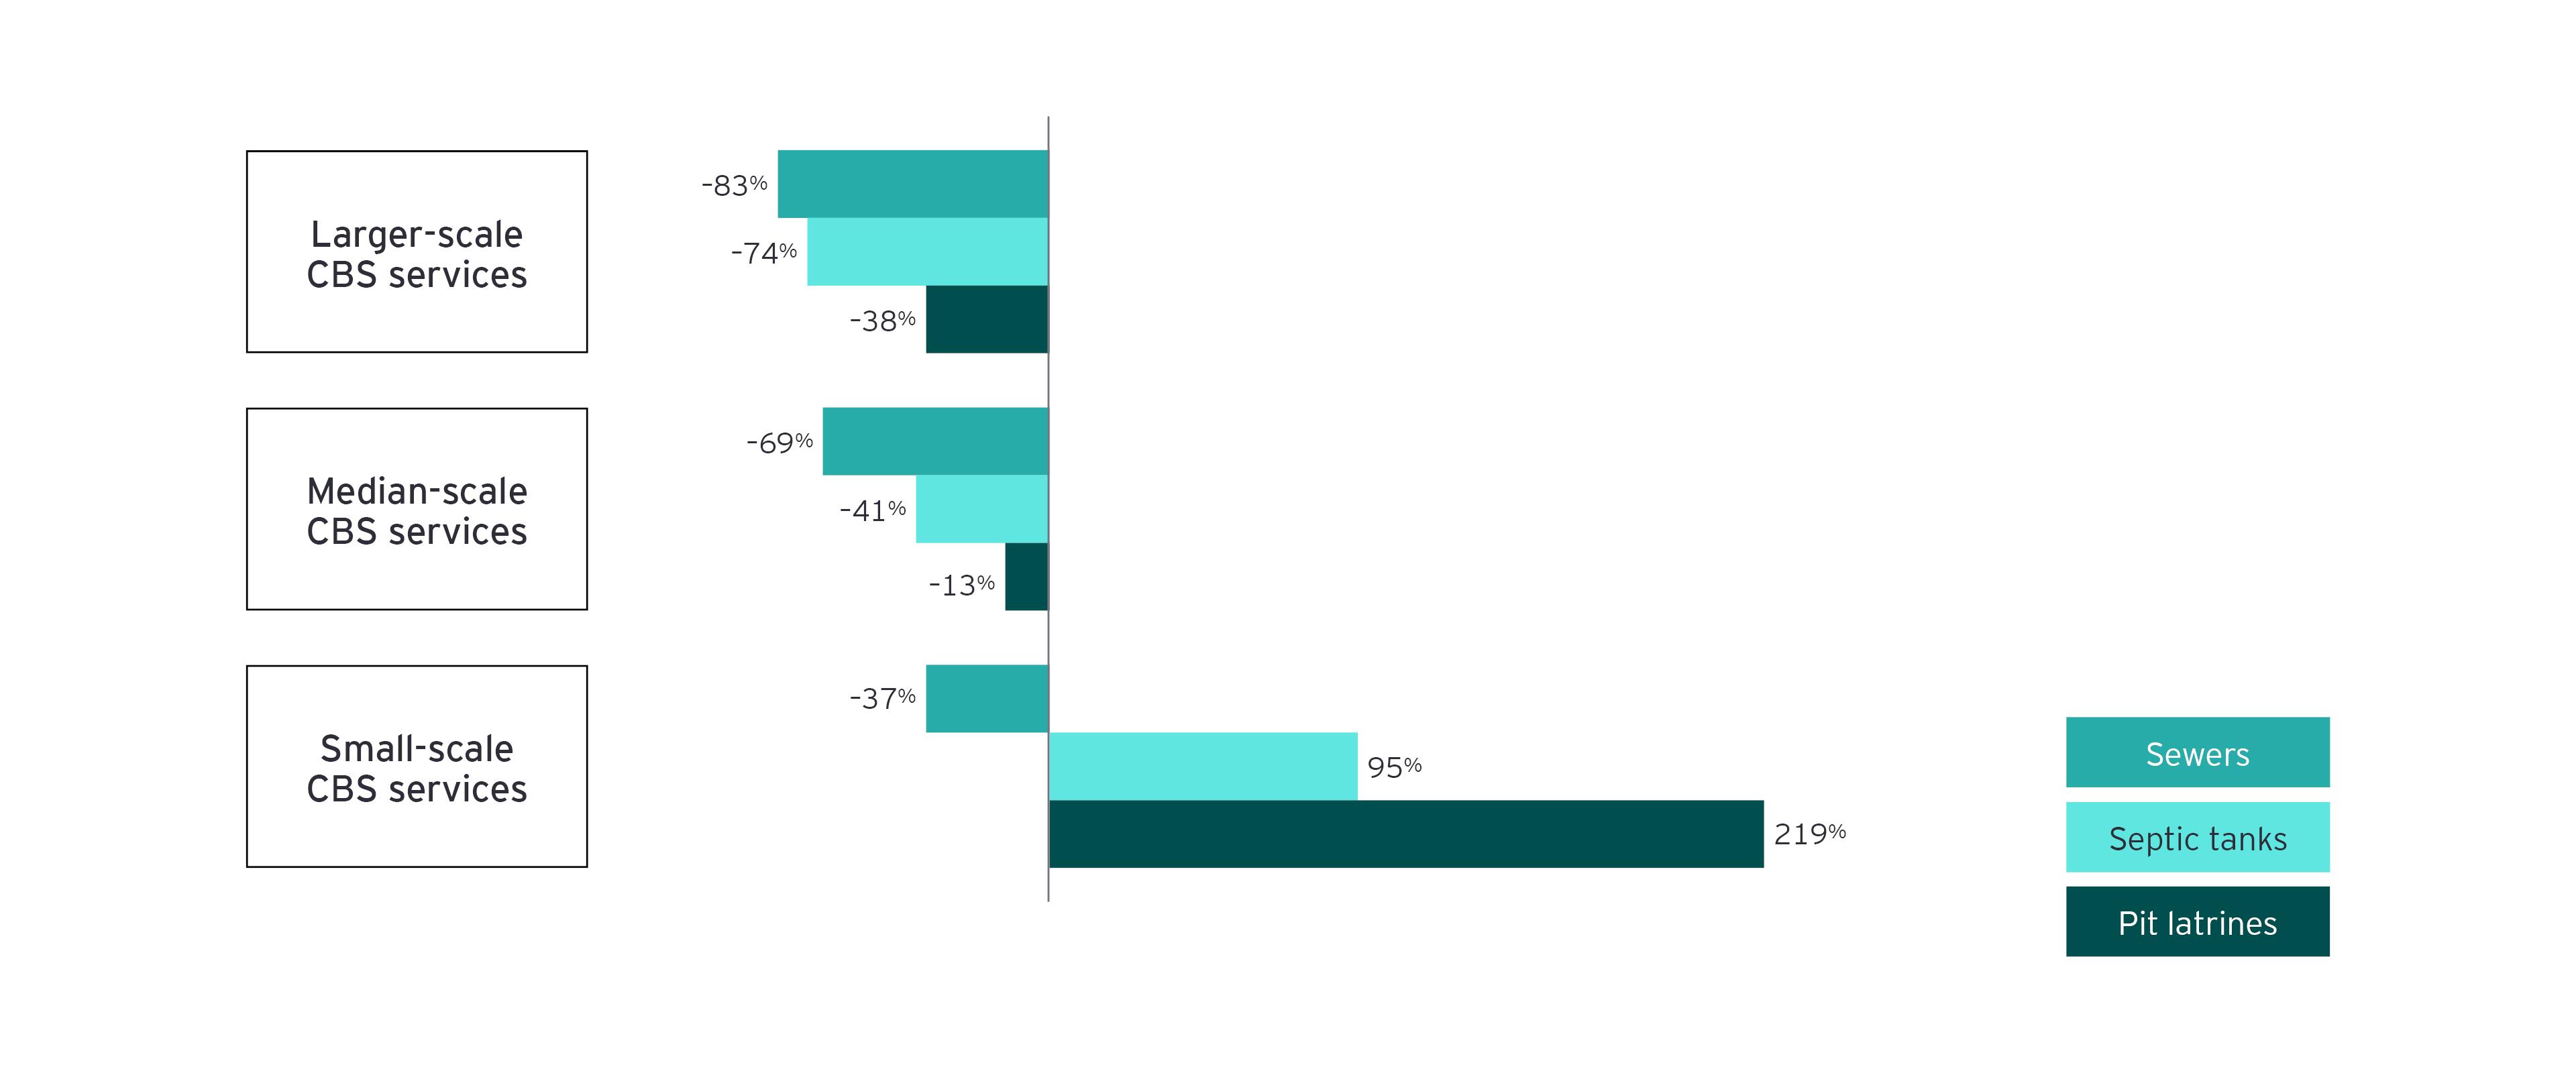 Diferencia porcentual en el costo anual por hogar de los servicios del cbs